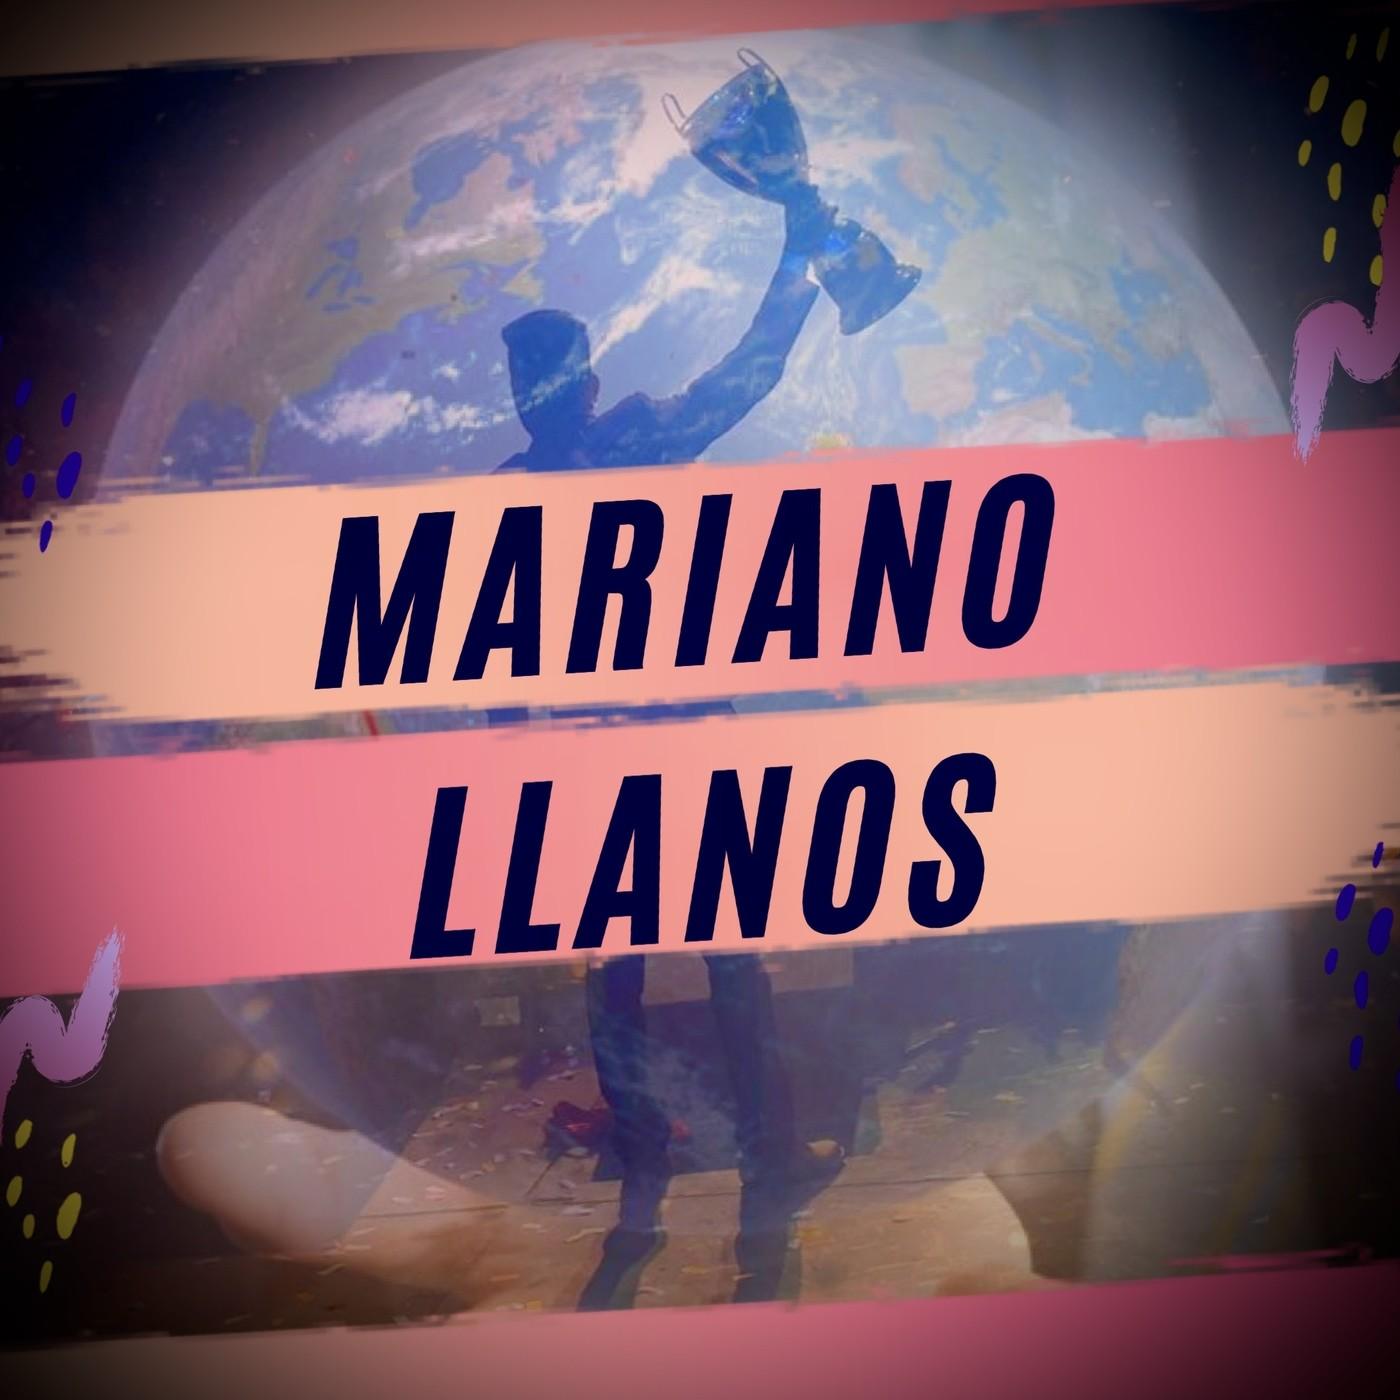 Mariano Llanos